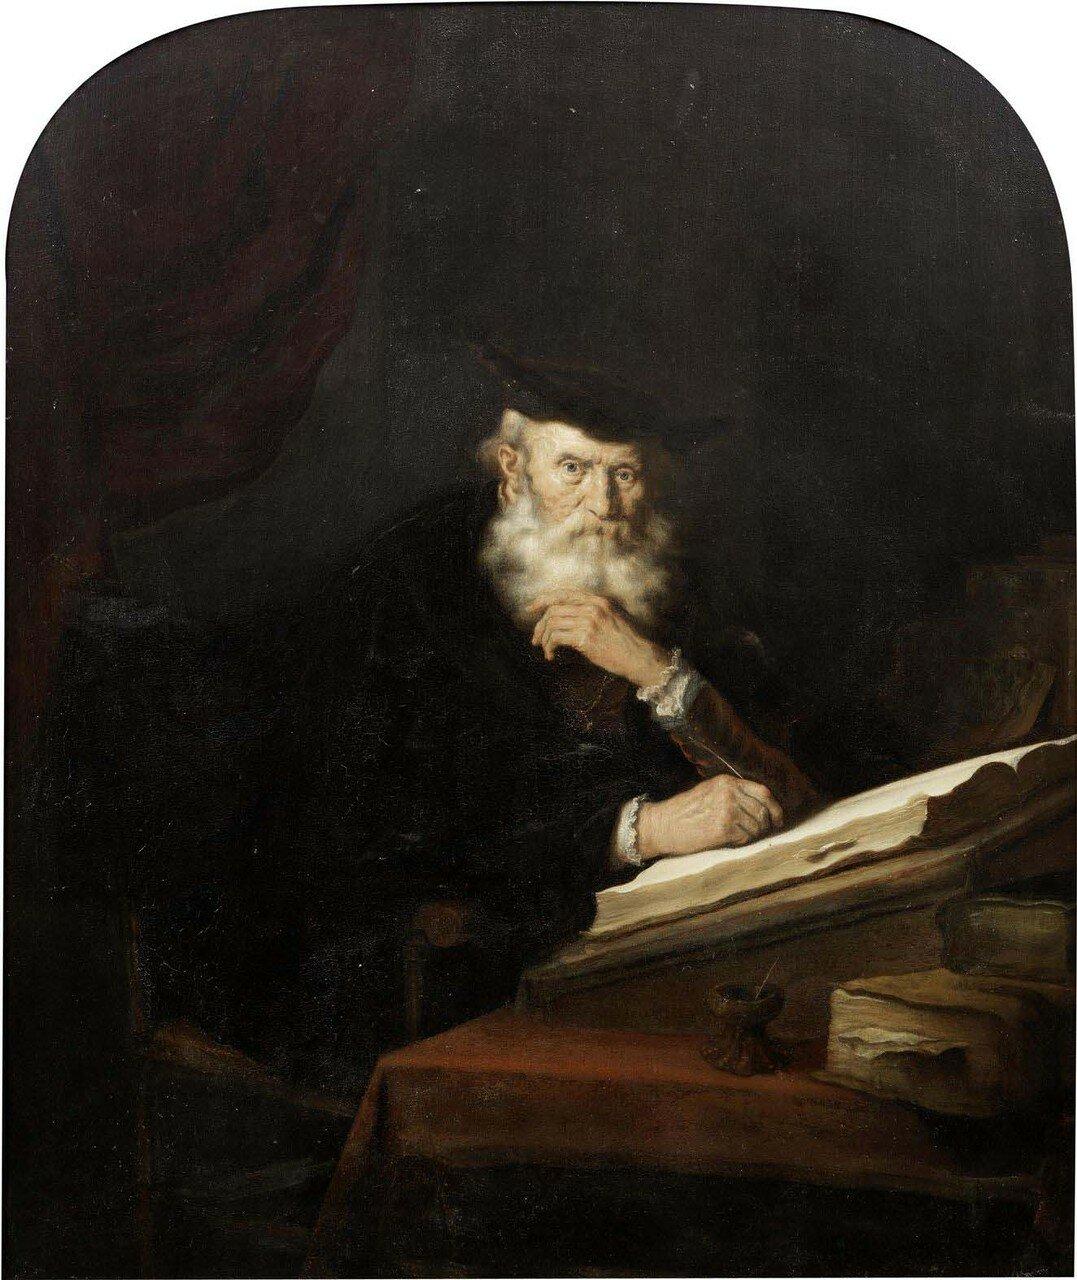 Философ, сидящий за столом (A philosopher seated at his desk)_71.2 х 59.1_д.,м._Частное собрание.jpg